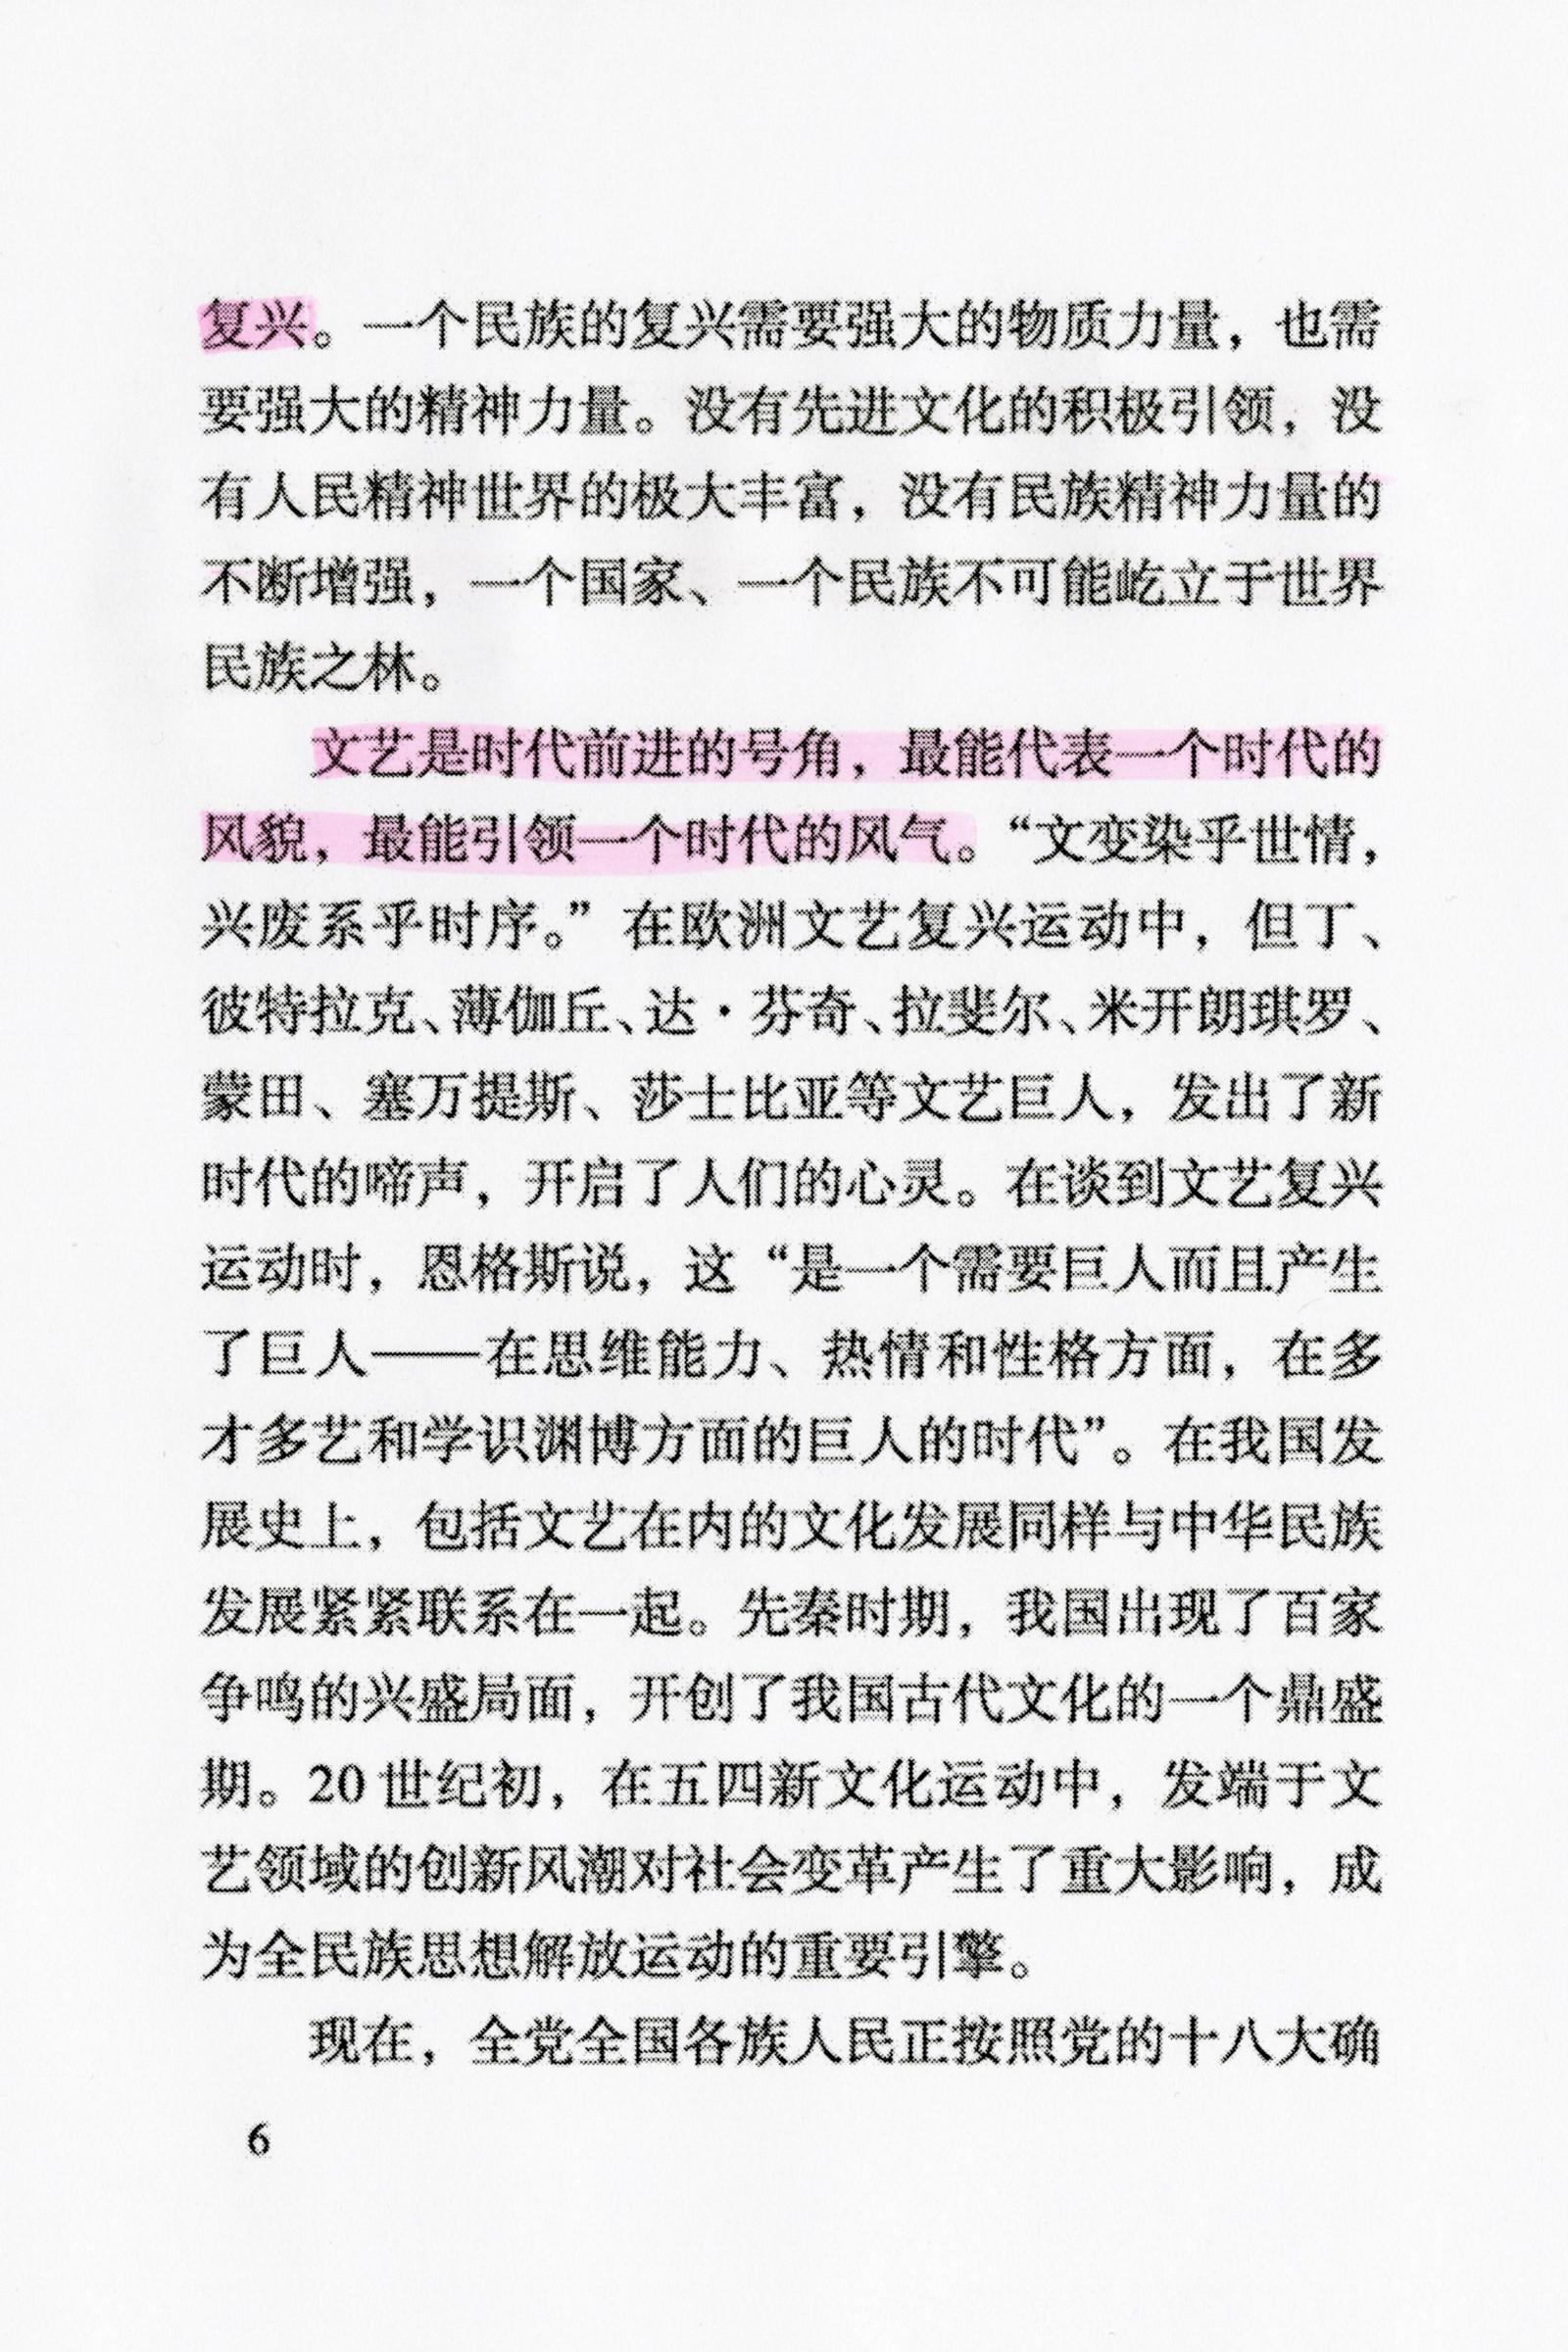 Xi2-3-7.jpg